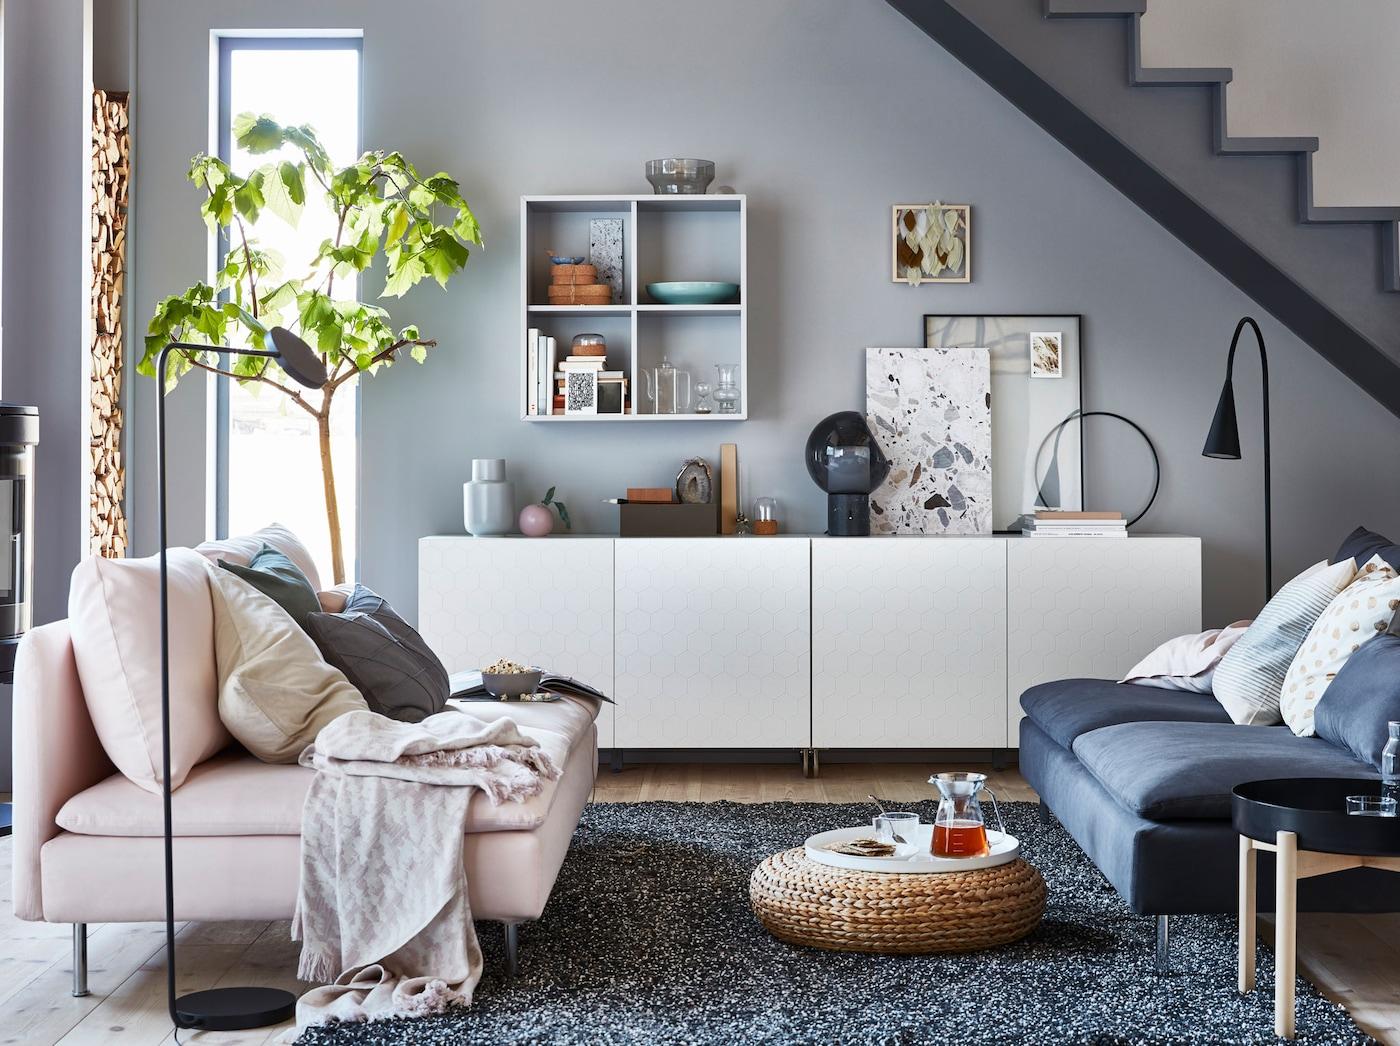 IKEA BESTÅ suljettu säilytyskokonaisuus ja uudet kennokuvioiset VASSVIKEN ovet tekevät yhteistyötä ja luovat fiksun ja virtaviivaisen olohuoneen säilytysratkaisun.